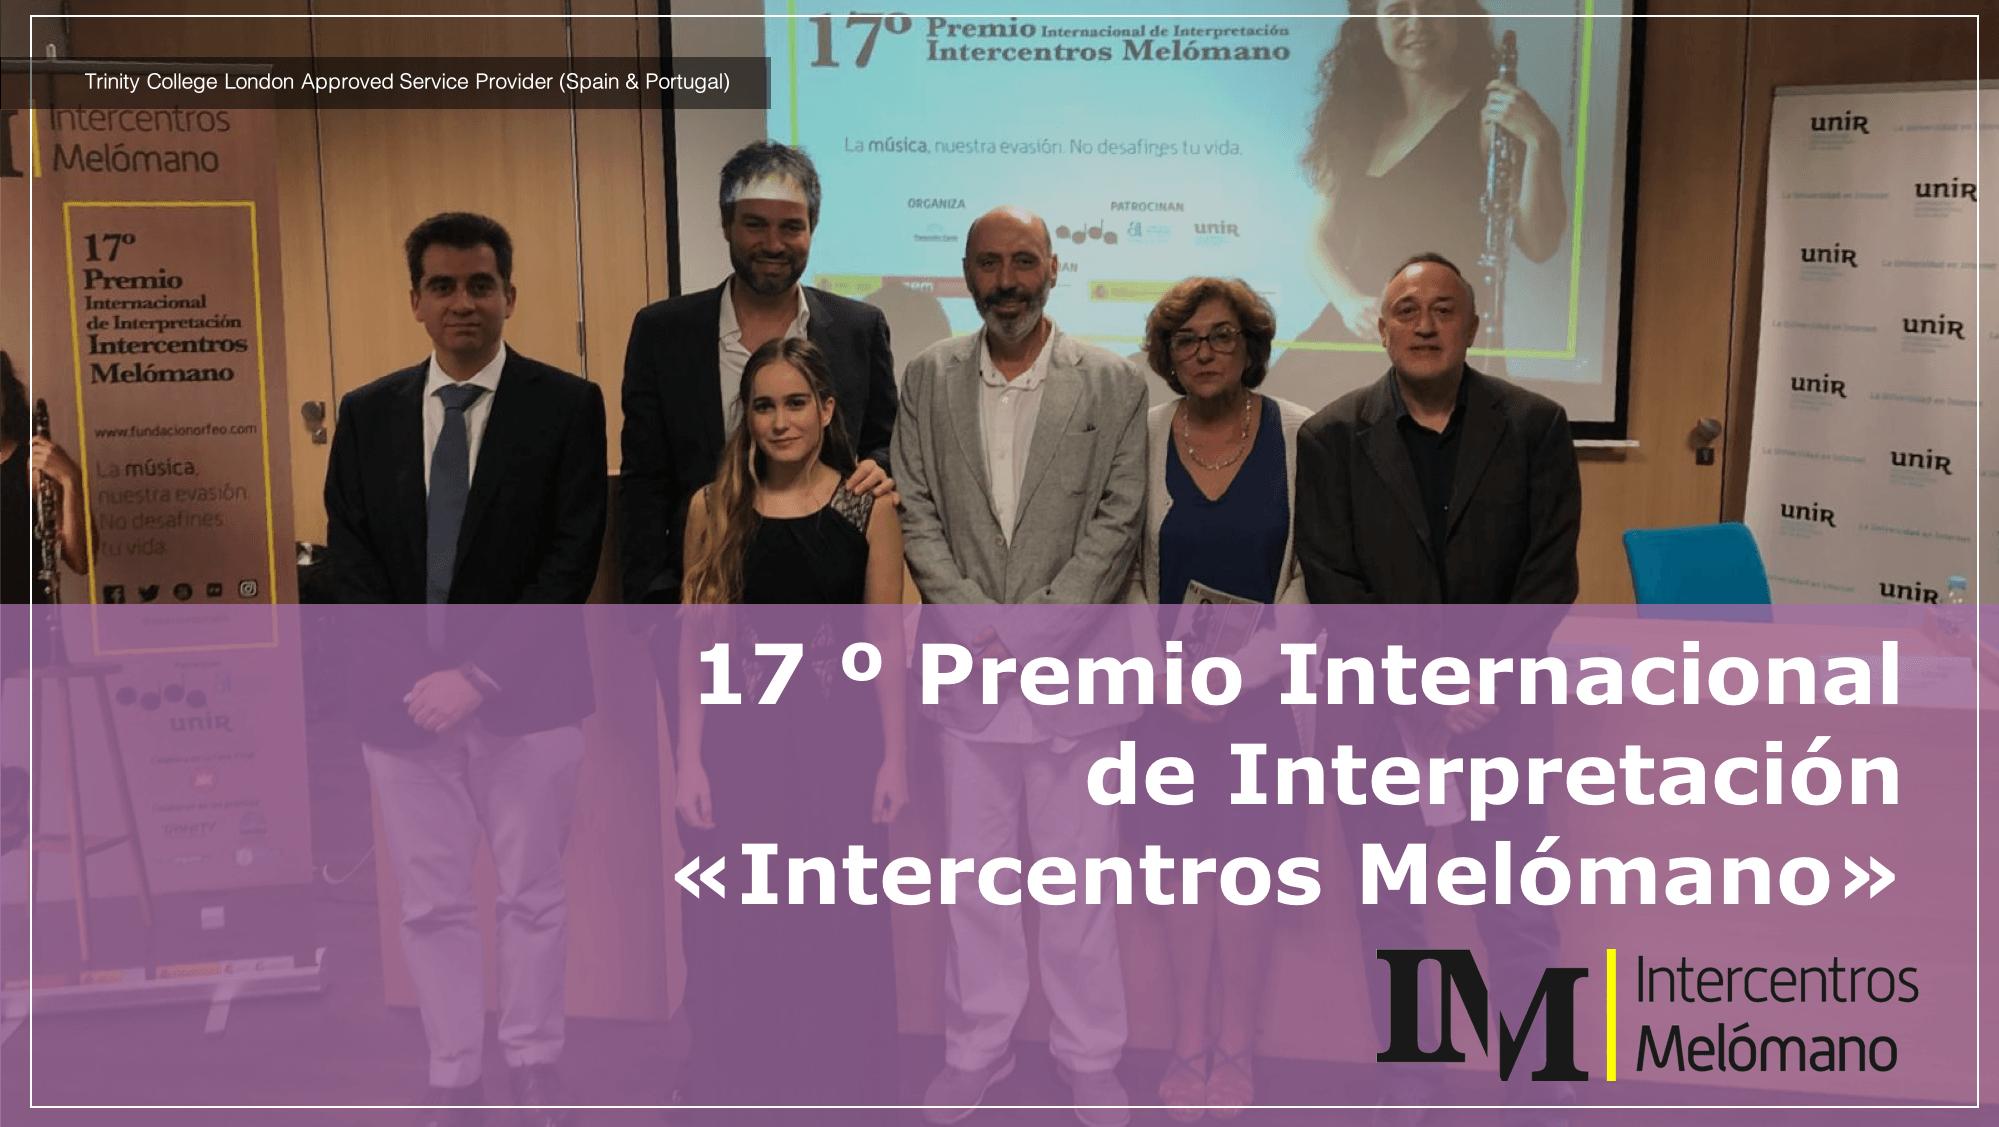 Premio-Internacional-de-Interpretación-Intercentros-Melómano-compressor